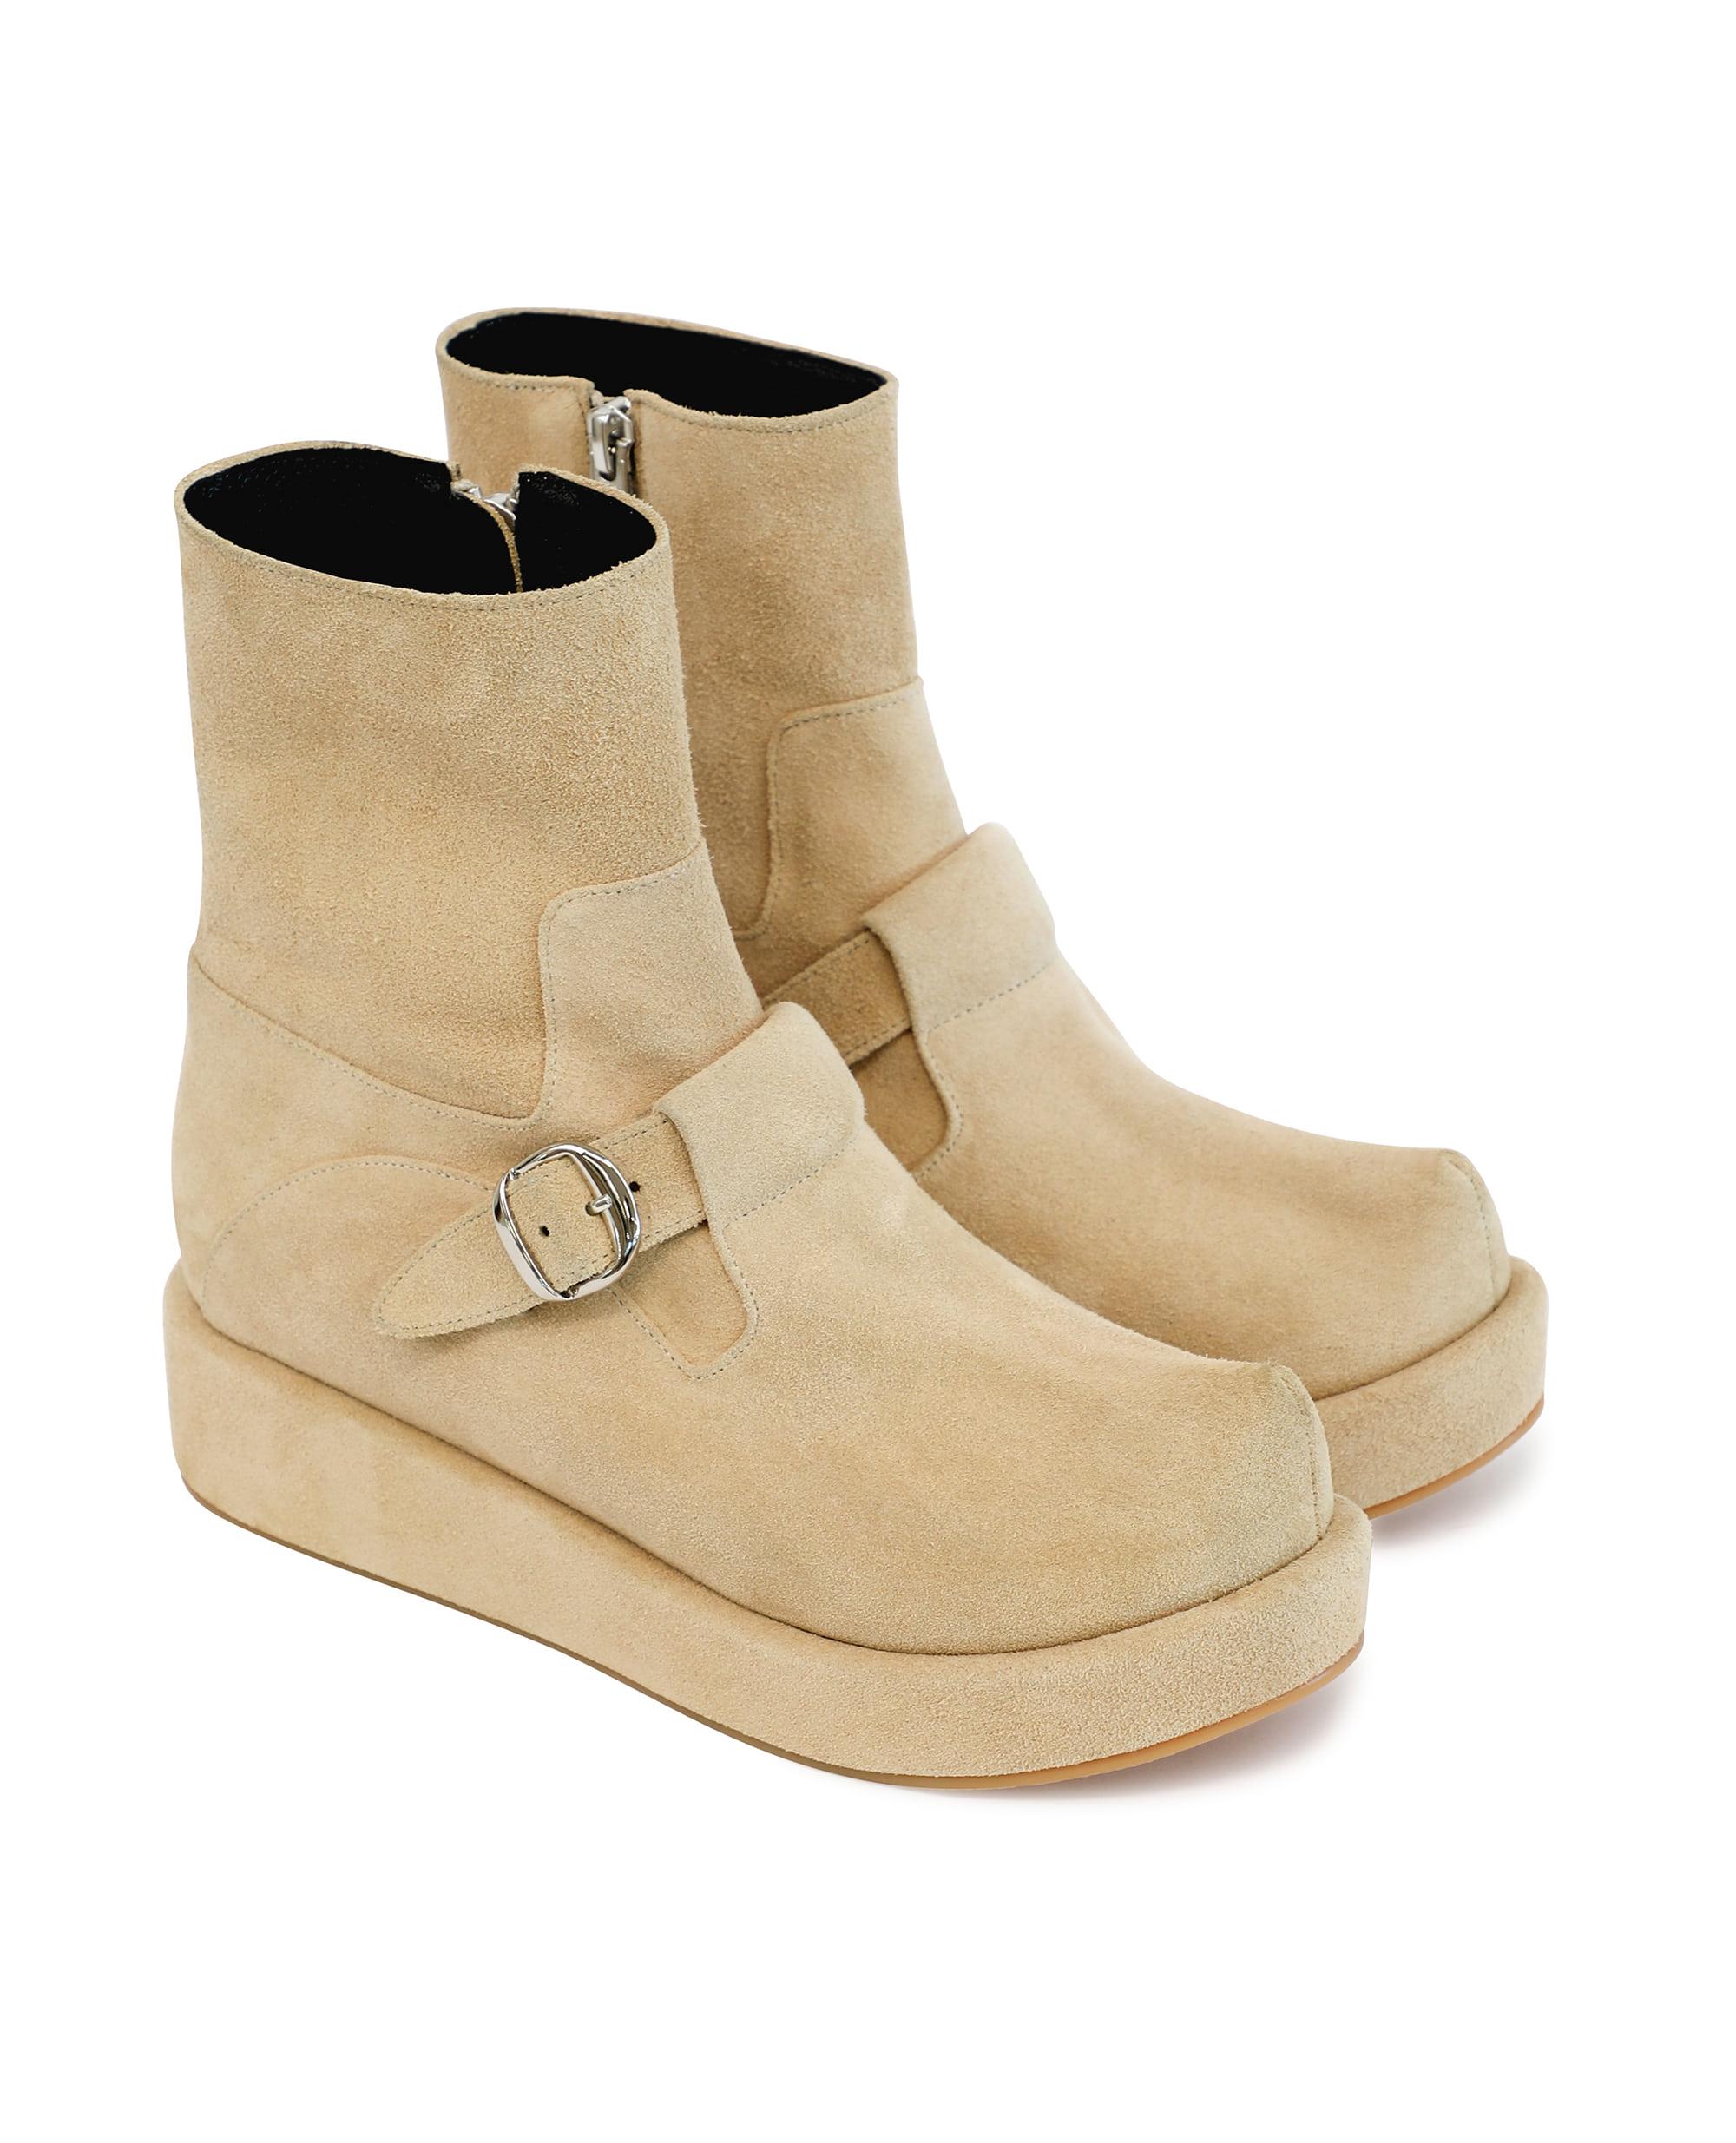 플랫아파트먼트, FLAT APARTMENT, 플랫아파트먼트 신발, FLAT APARTMENT SHOES, suede shoes, suede, suede boots, suede ankle boots suede platform boots, 스웨이드 부츠, 스웨이드 신발, 스웨이드 앵클 부츠, 스웨이드 슈즈, pointed toe, pointed toe shoes, pointed toe boots, t-bar shoes, platform, platform shoes, platform boots, pointed toe buckle boots, buckle boots, unique boots, unique shoes, unique toe,  korean shoes brand, korean shoes, handmade shoes, 플랫슈즈, 부츠, 포인티드 토 부츠, t-bar boots, 뾰족 코 슈즈, 포인티트 토 슈즈, 신발, 슈즈, 구두, 뾰족 코 부츠, 버클 부츠, seoul fahsion, k fahsion, south korea shoes brand, order made shoes, 수제화, 주문제작 신발, 편한 신발